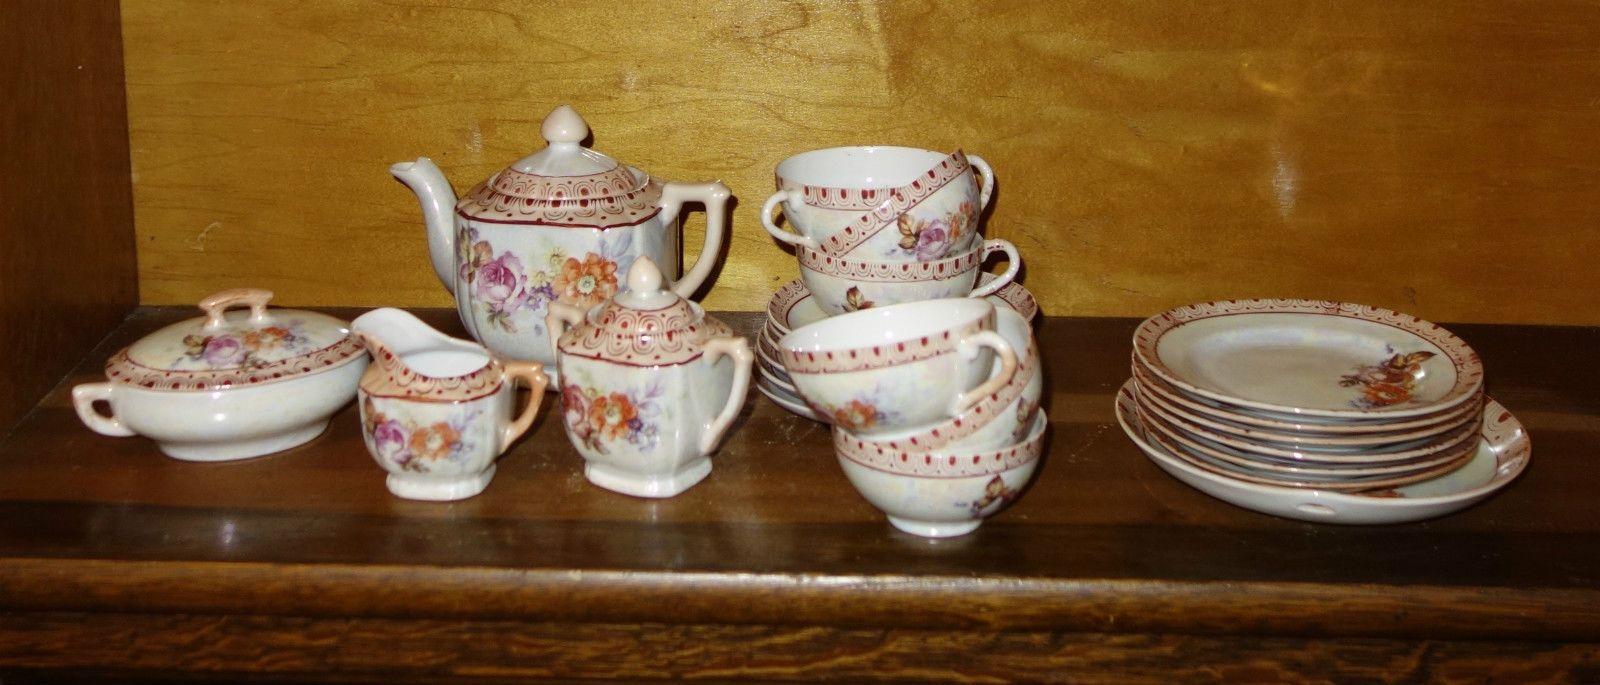 Antique Vintage Porcelain Made In Japan Tea Set Toy Childrens Doll